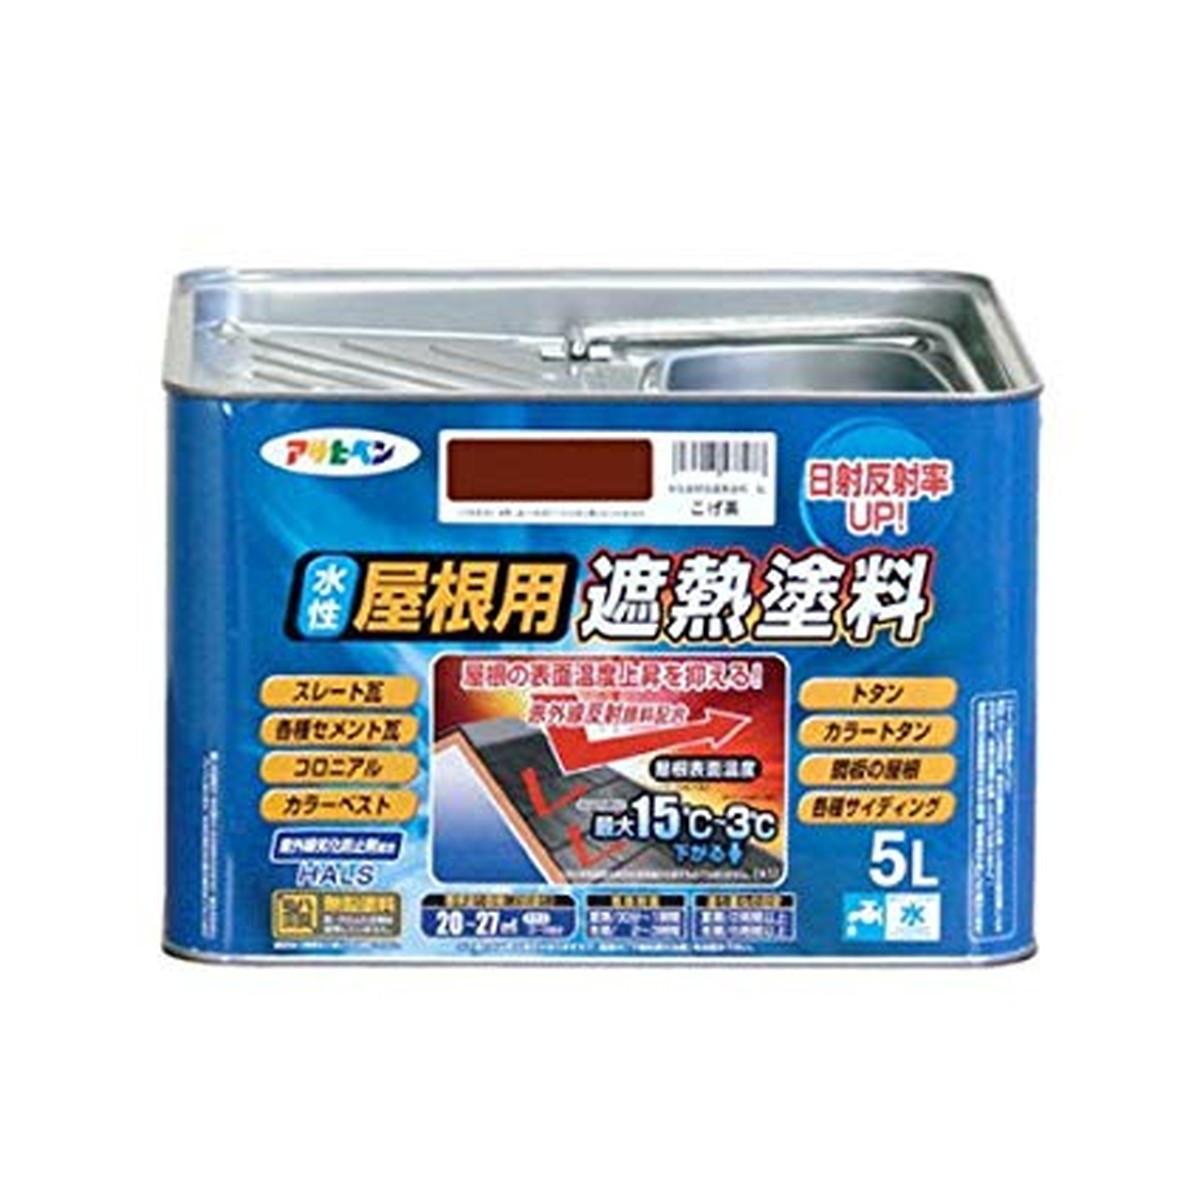 アサヒペン ペンキ 水性屋根用遮熱塗料 こげ茶 5L【クーポン配布中】